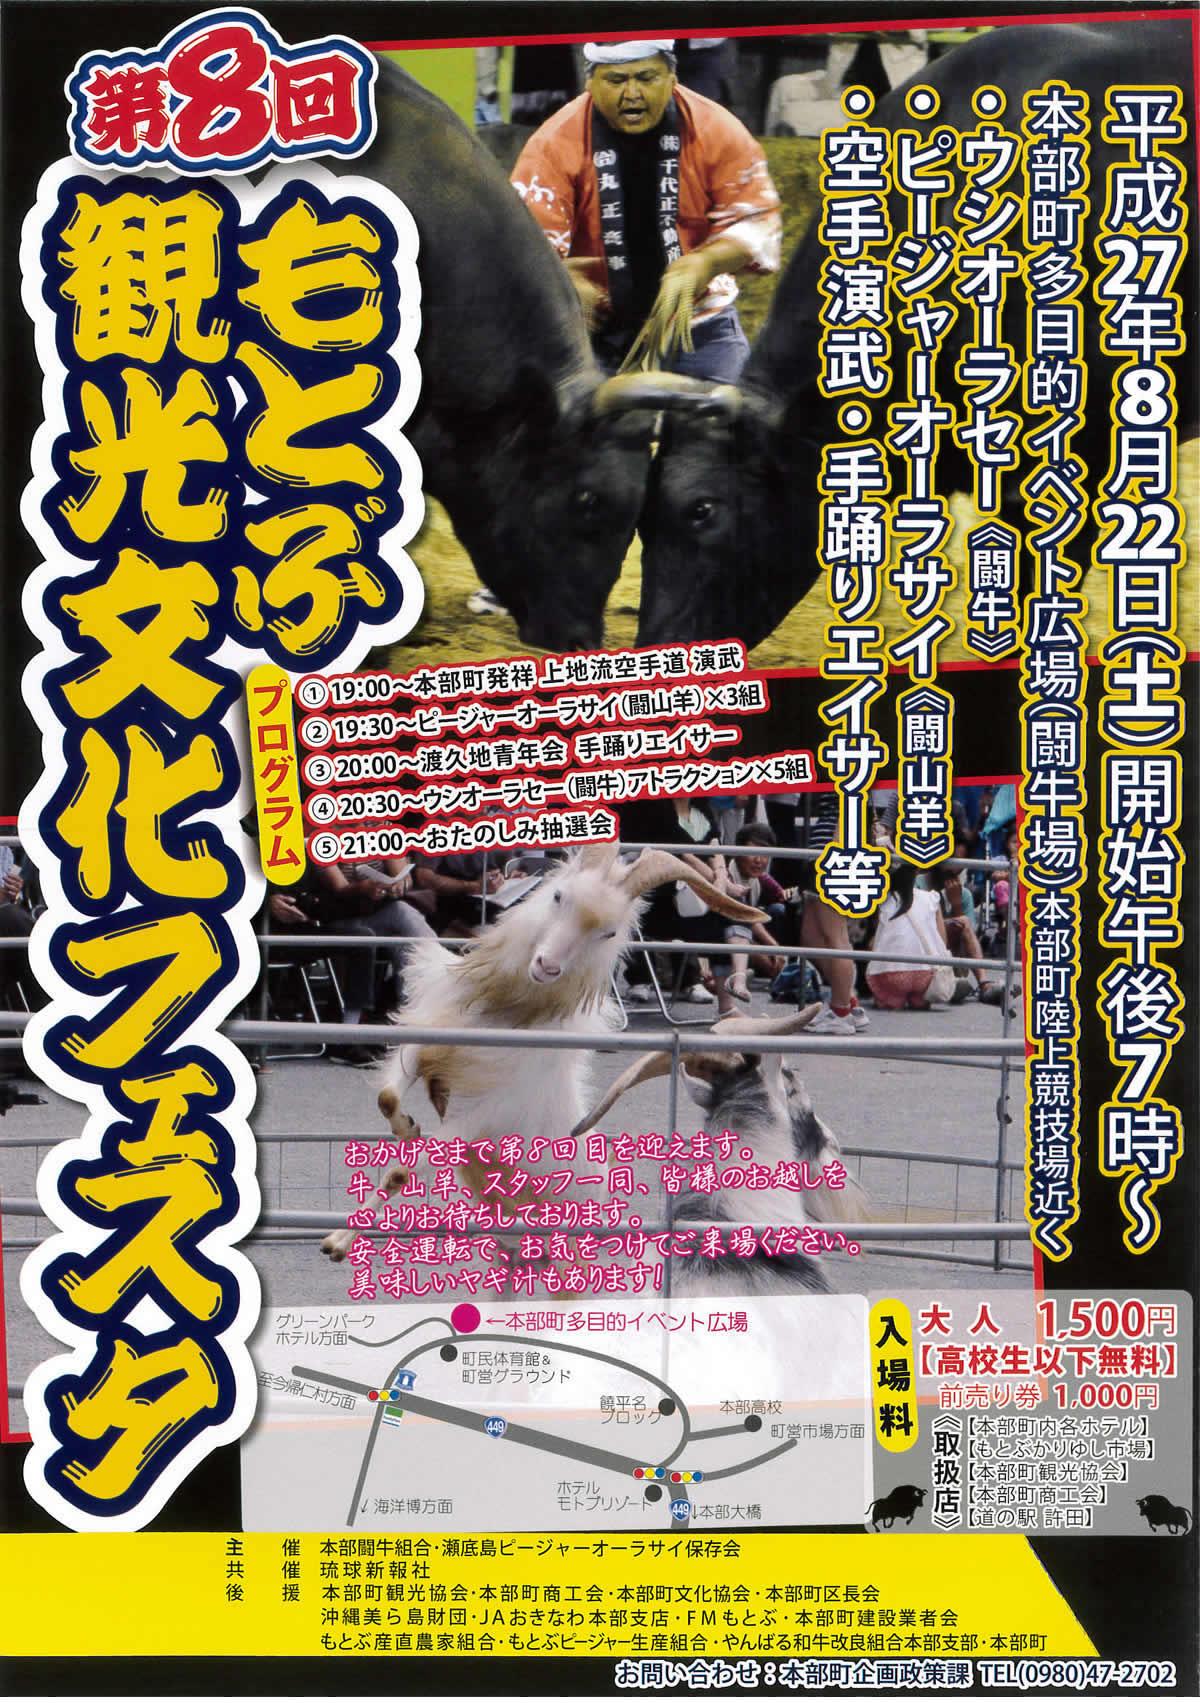 motobu_festa2015.jpg